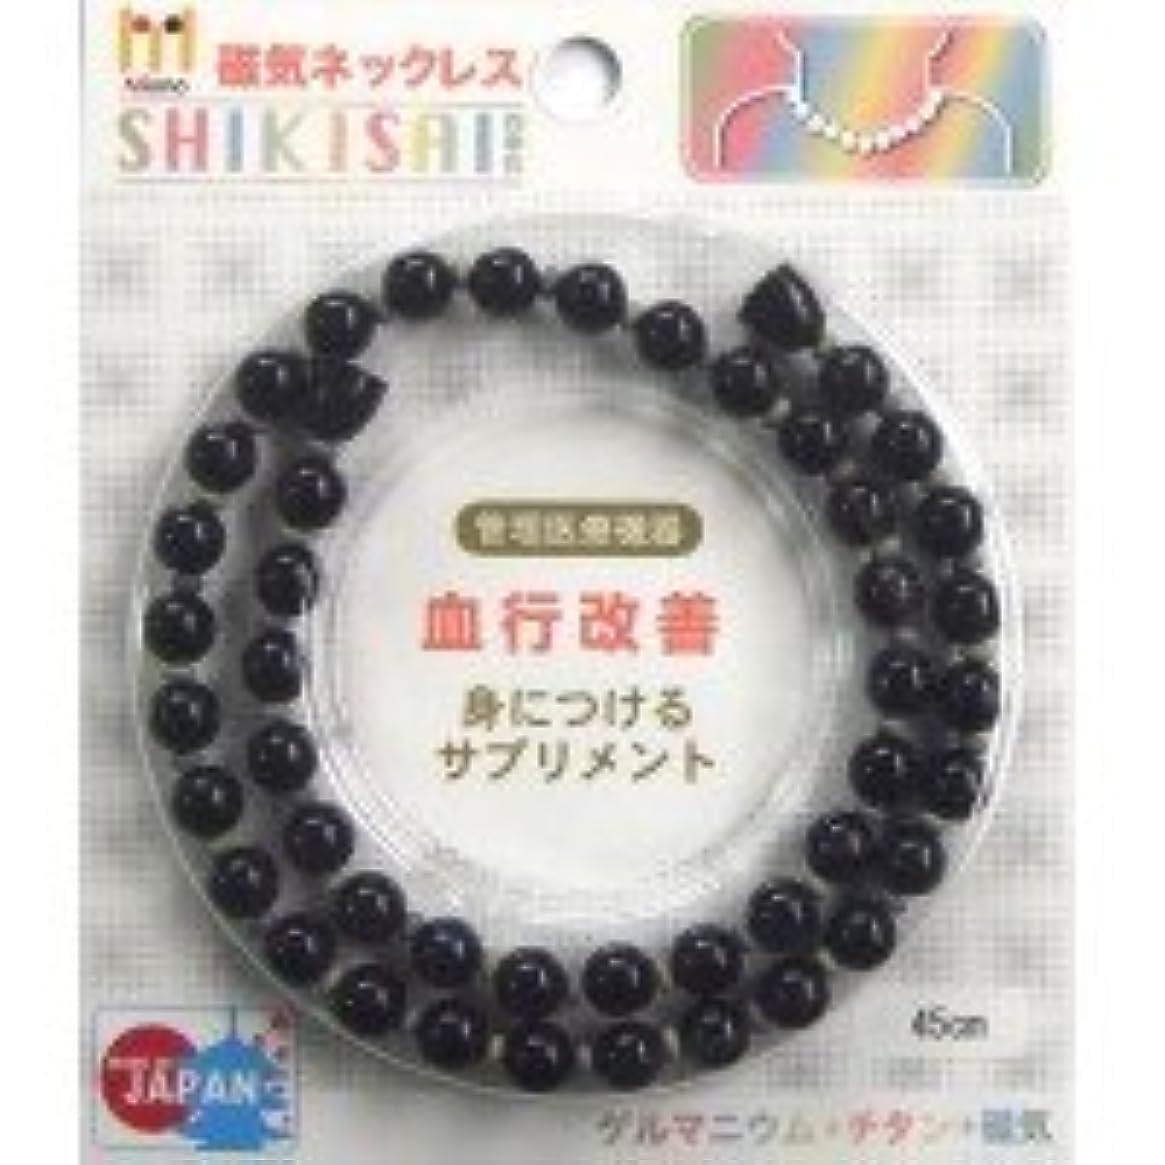 消すサーバスーツ四季彩 磁気ネックレス(磁気2個) 黒 Sサイズ MJN-015BK45 0867318